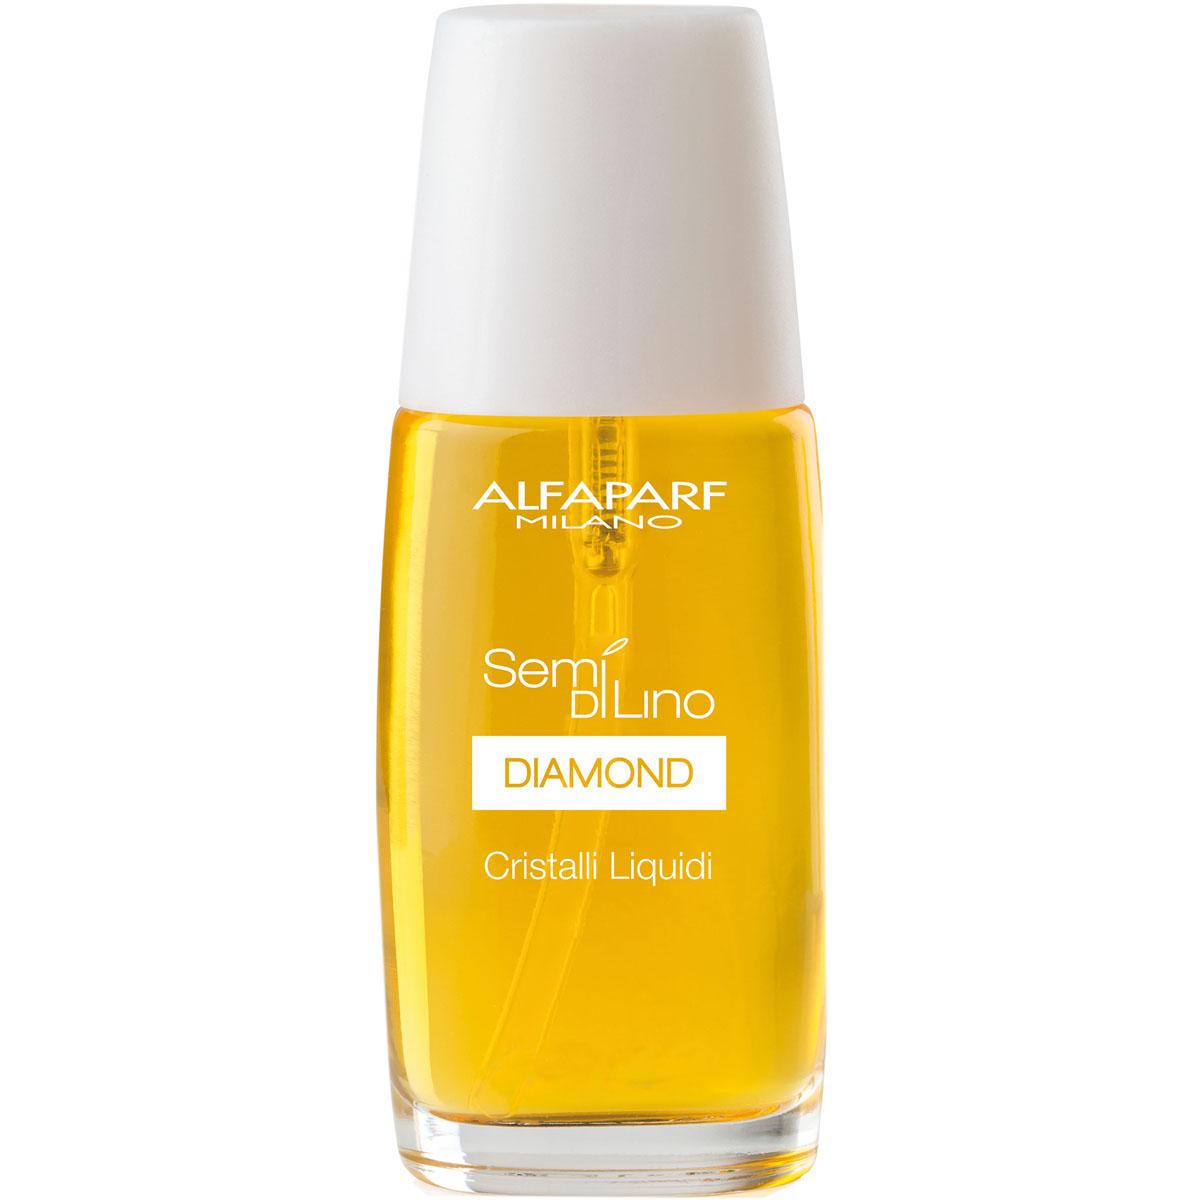 Alfaparf Масло для посеченных кончиков волос, придающее блеск Semi Di Lino Diamond Cristalli Liquidi 16 млCF5512F4Alfaparf Semi DiLino Diamond Cristalli Liquidi Масло для посечённых кончиков волос, придающее блеск разработано для того, чтобы быстро и легко придать волосам великолепный блеск и нормализовать баланс витаминов. Благодаря льняному маслу, которое содержится в средстве для ухода за посечёнными кончиками волос Alfaparf SDL Diamond Cristalli Liquidi нужное количество влаги надолго сохраняется в волосяном стержне, в результате чего волосы выглядят свежими, здоровыми и блестящими. Микрокристаллы алмаза придадут волосам впечатляющий блеск, а витамин Е сделает волосы послушными и мягкими.Масло Альфапарф защищает волосы от таких погодных явлений, как ветер и солнце. Для получения лучшего результата данный продукт рекомендуется использовать совместно с другими средствами для ухода за волосами линии Alfaparf SDL Diamond.